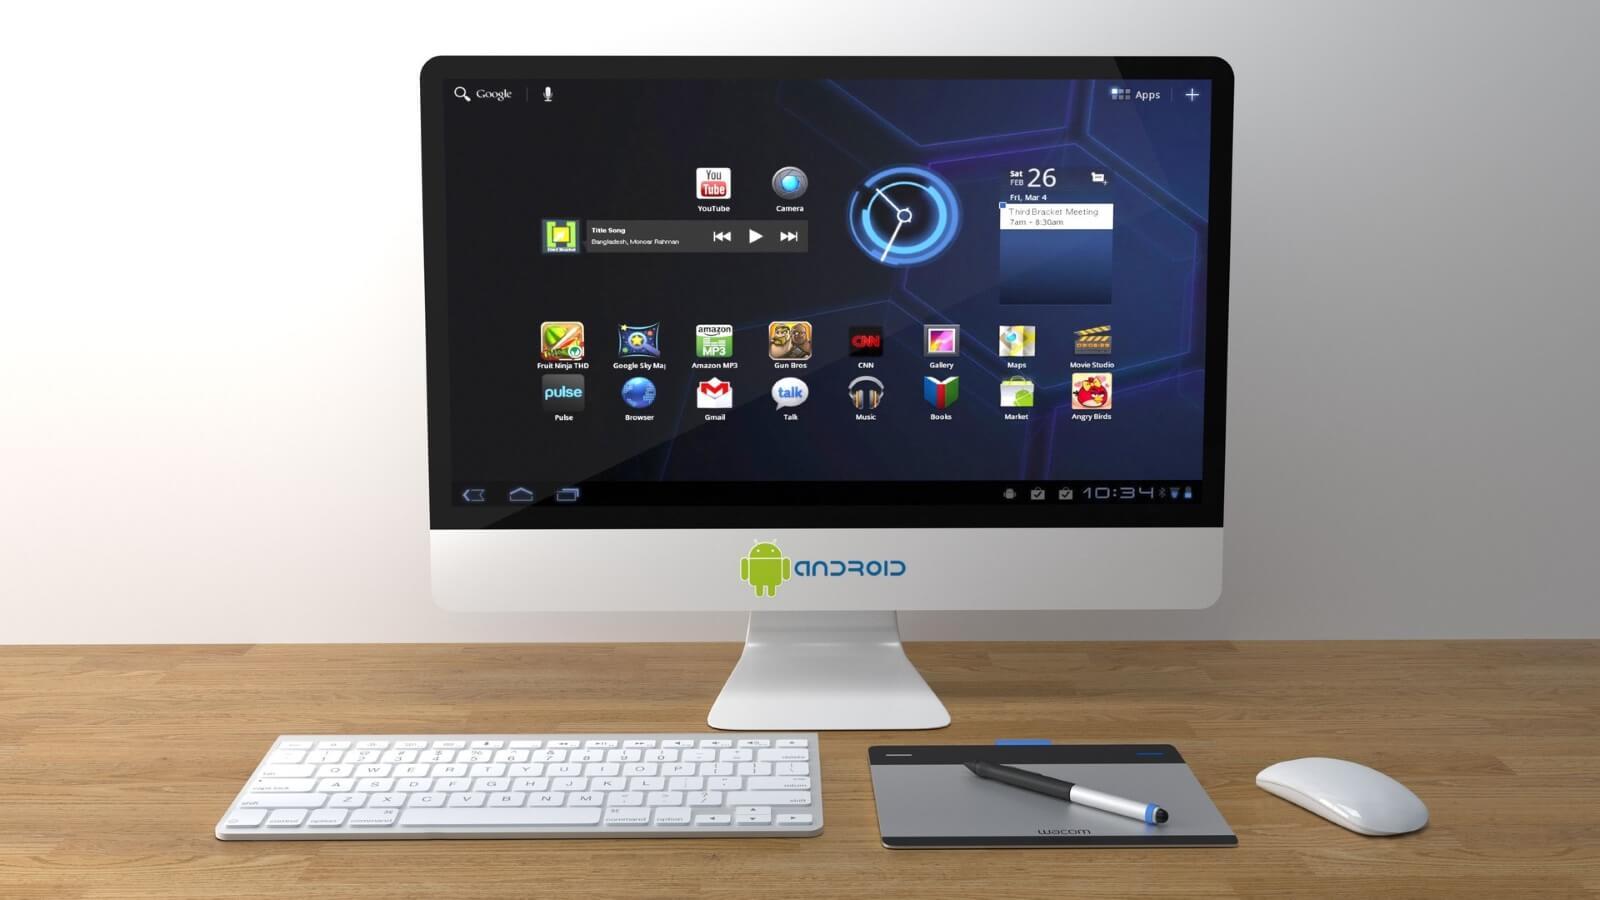 Per Genymotion Emulator finden wir die Android-Oberfläche auf dem PC wieder. - Quelle: Pixabay